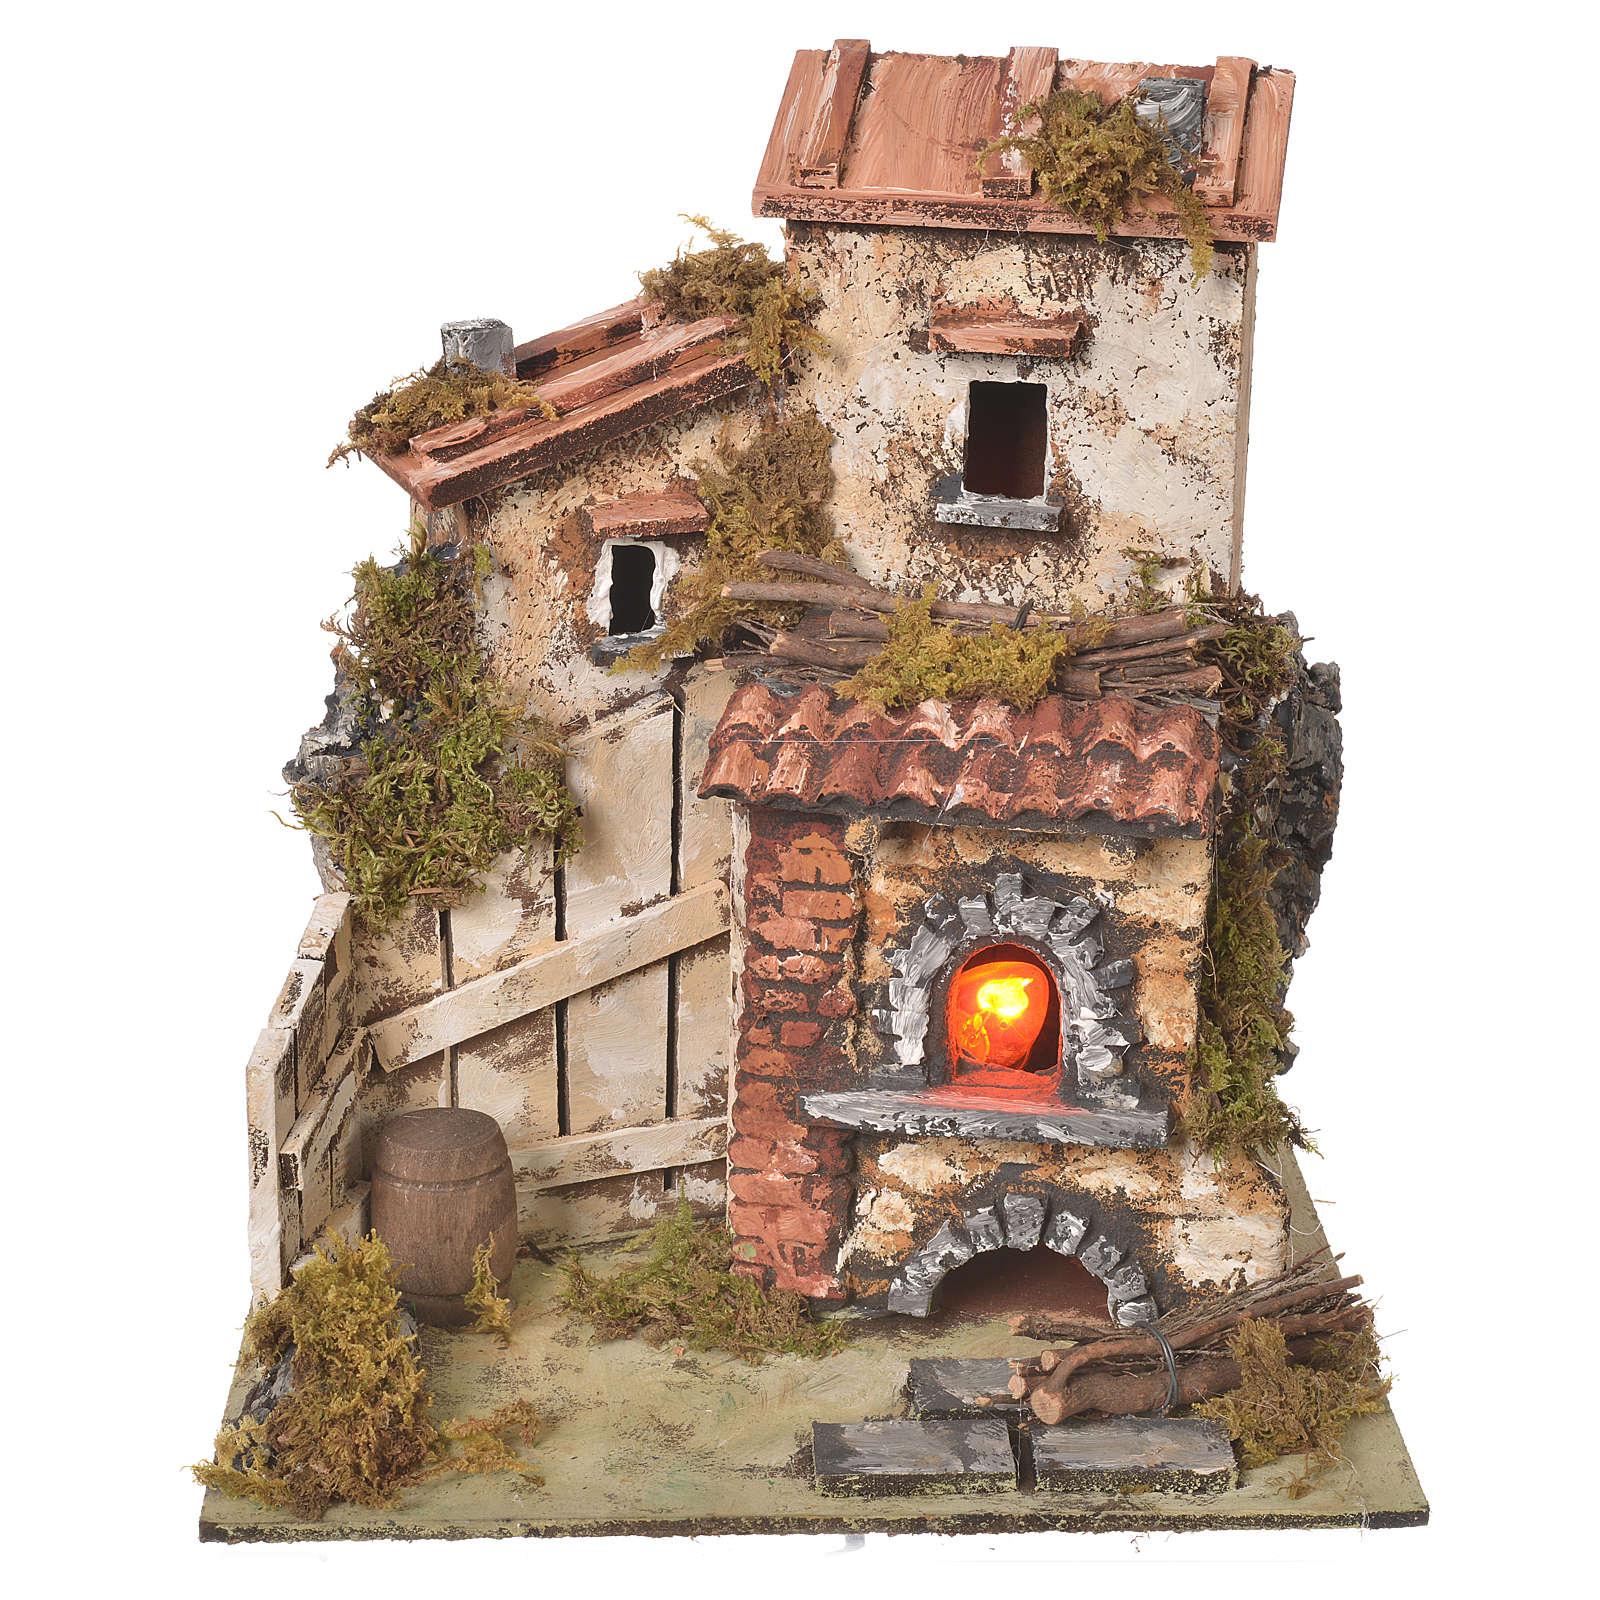 Alquería con horno efecto flama 25,5x24x21cm 4